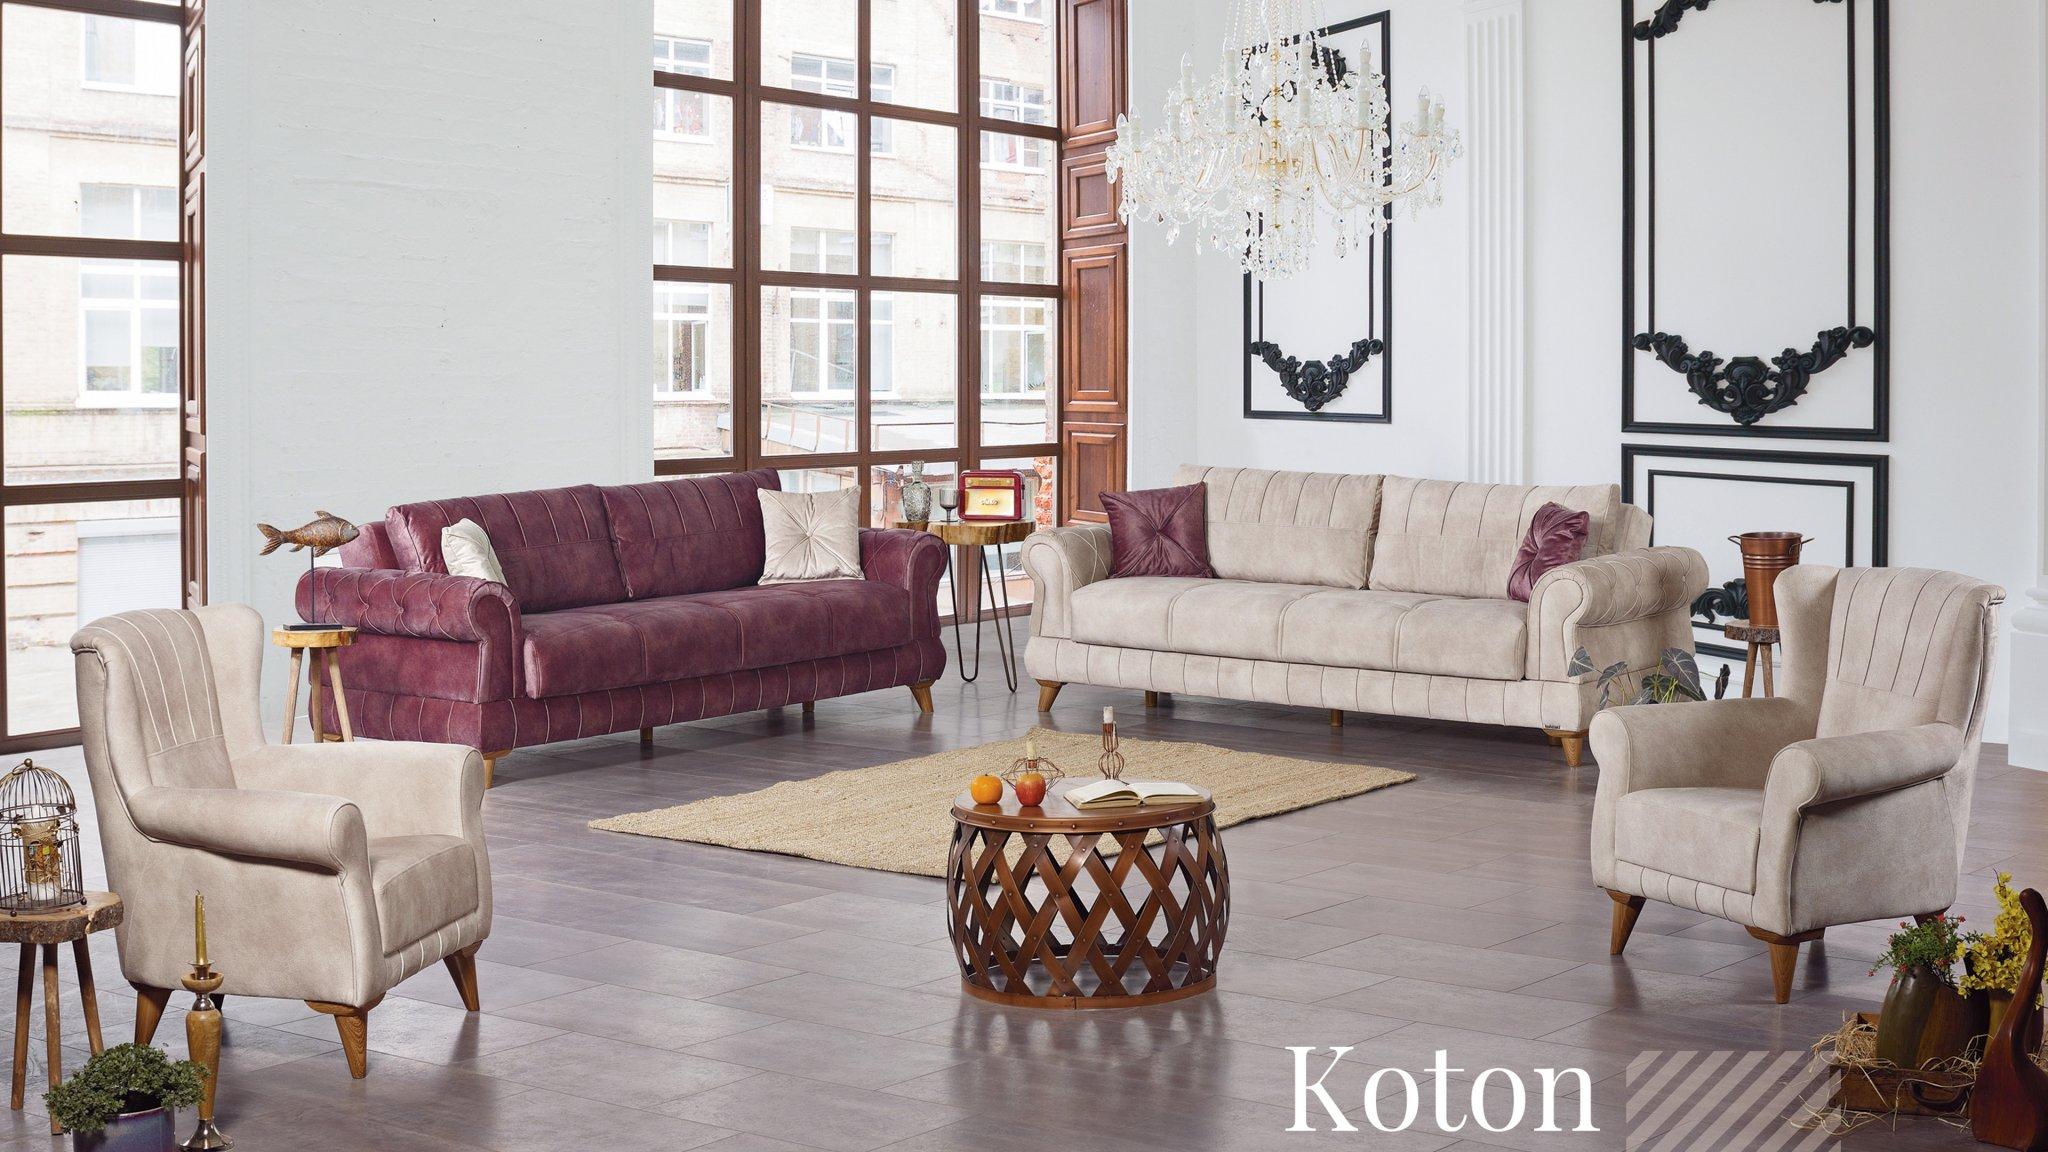 Boldera - Koton yumşaq dəsti